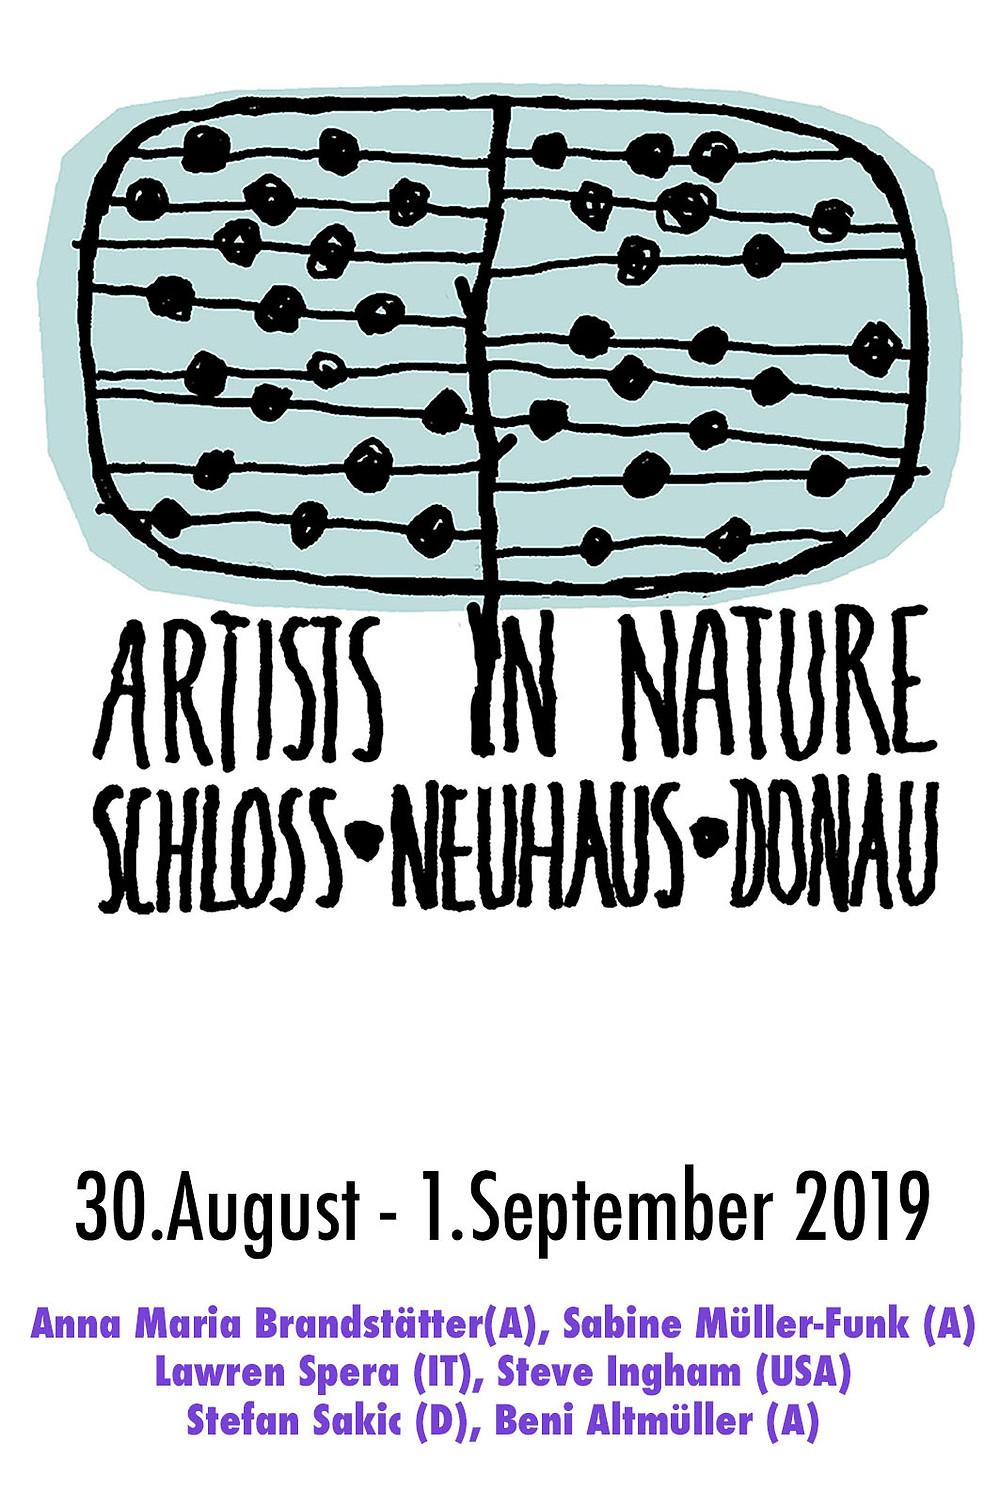 Es ist bald soweit: Beim Schloss Neuhaus/Donau werden 6 Internationale Künstler in der Natur arbeiten....Es wird sehr spannend